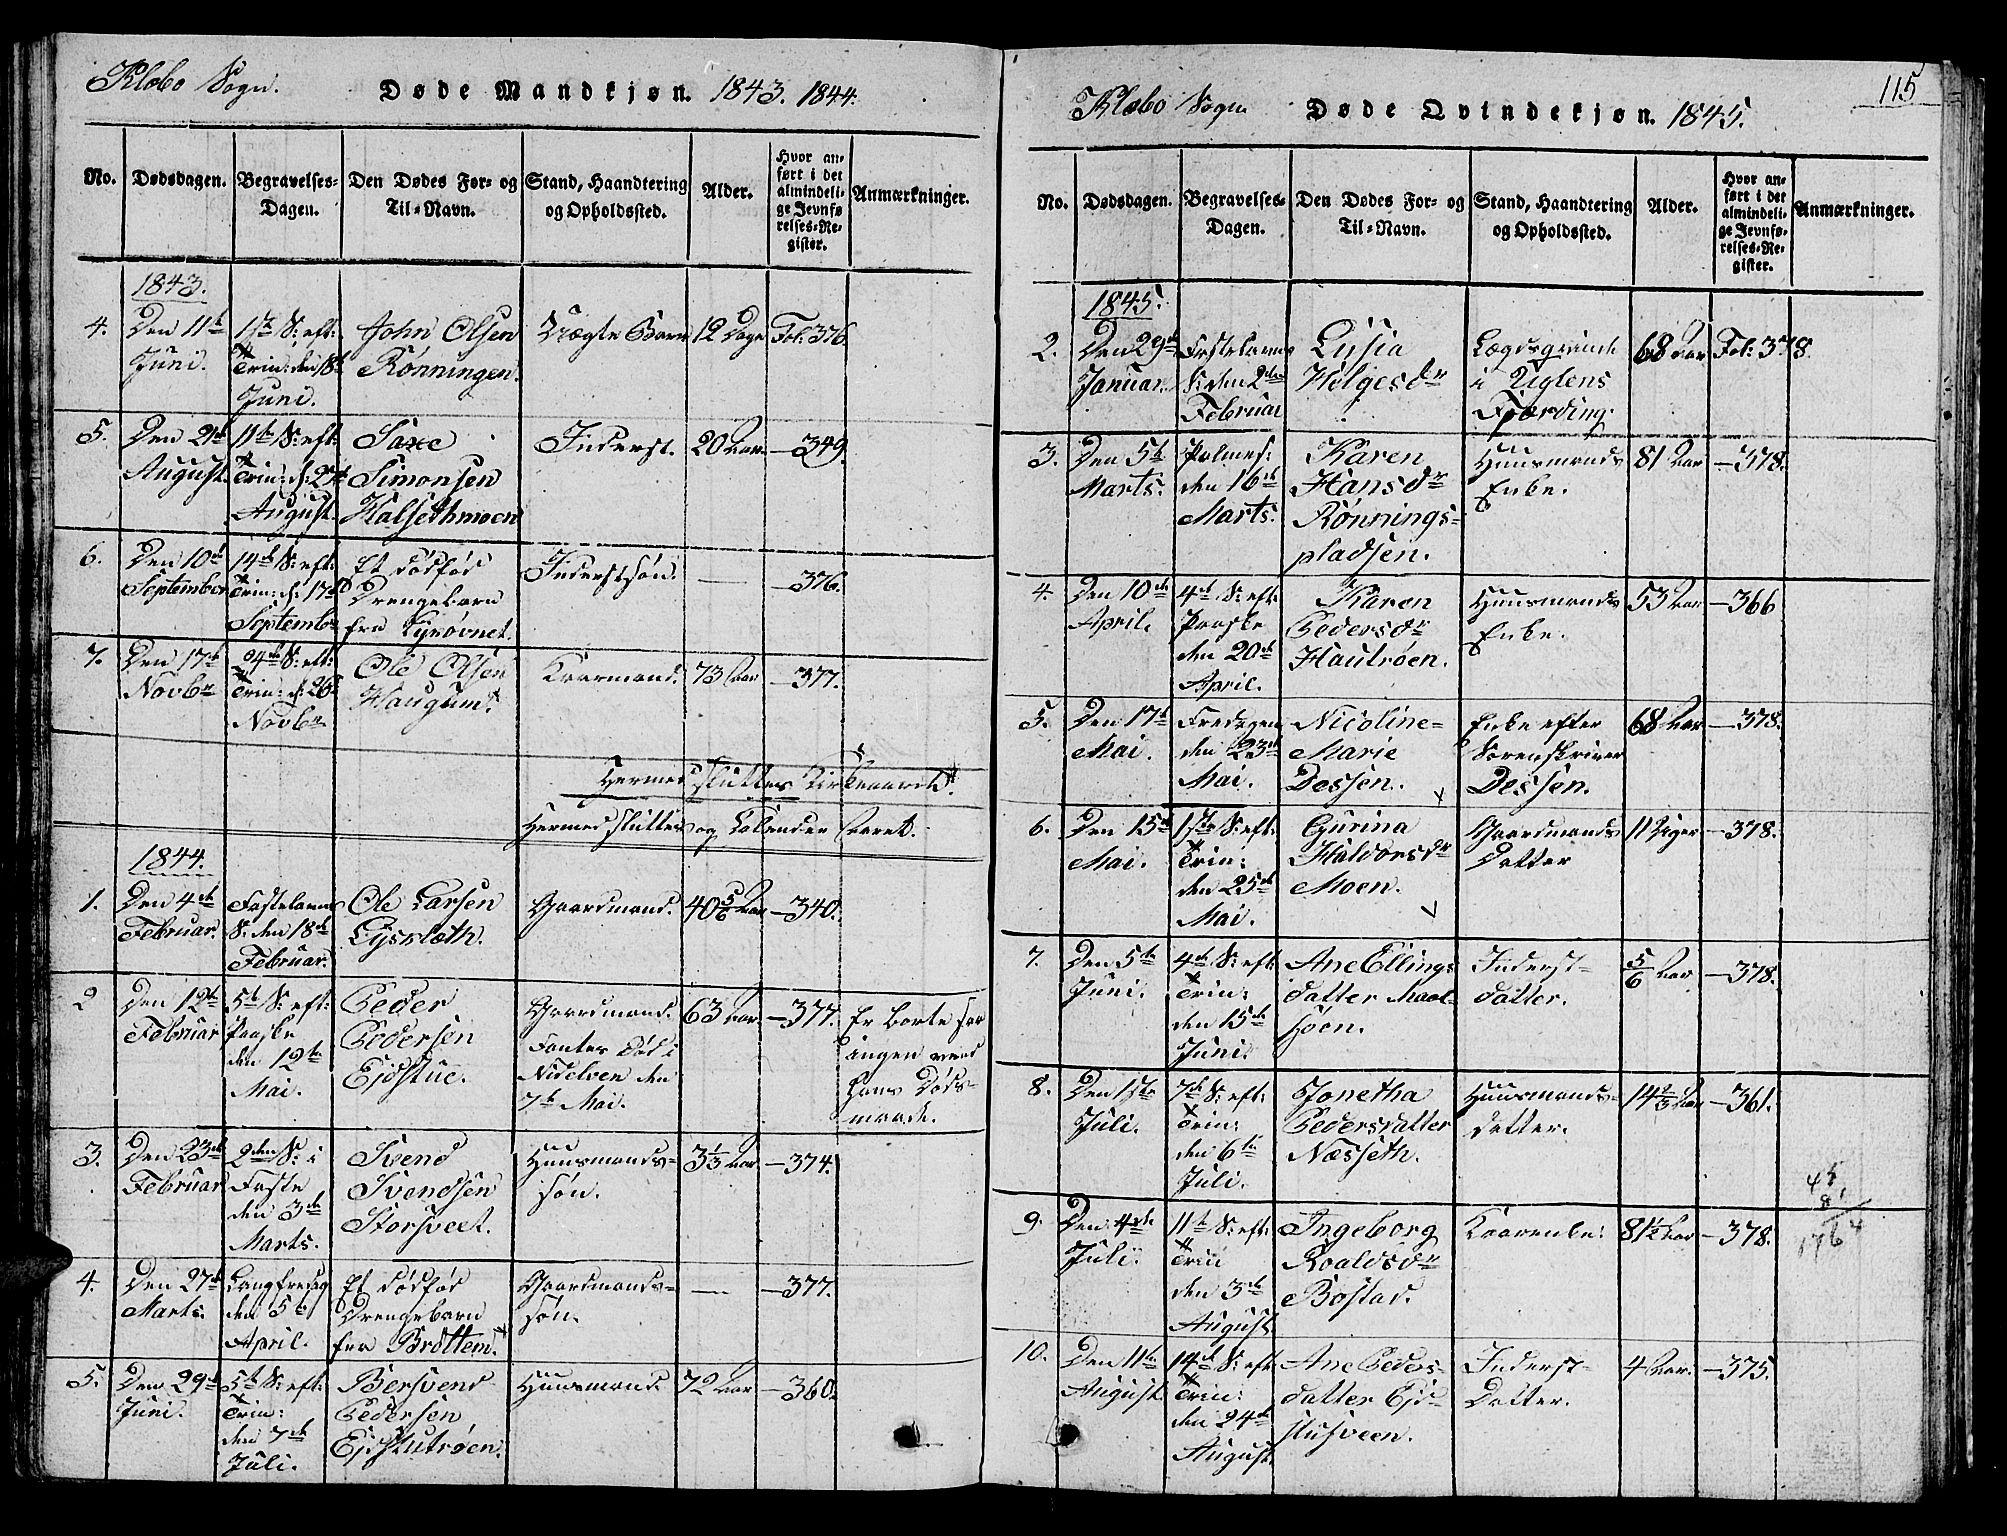 SAT, Ministerialprotokoller, klokkerbøker og fødselsregistre - Sør-Trøndelag, 618/L0450: Klokkerbok nr. 618C01, 1816-1865, s. 115